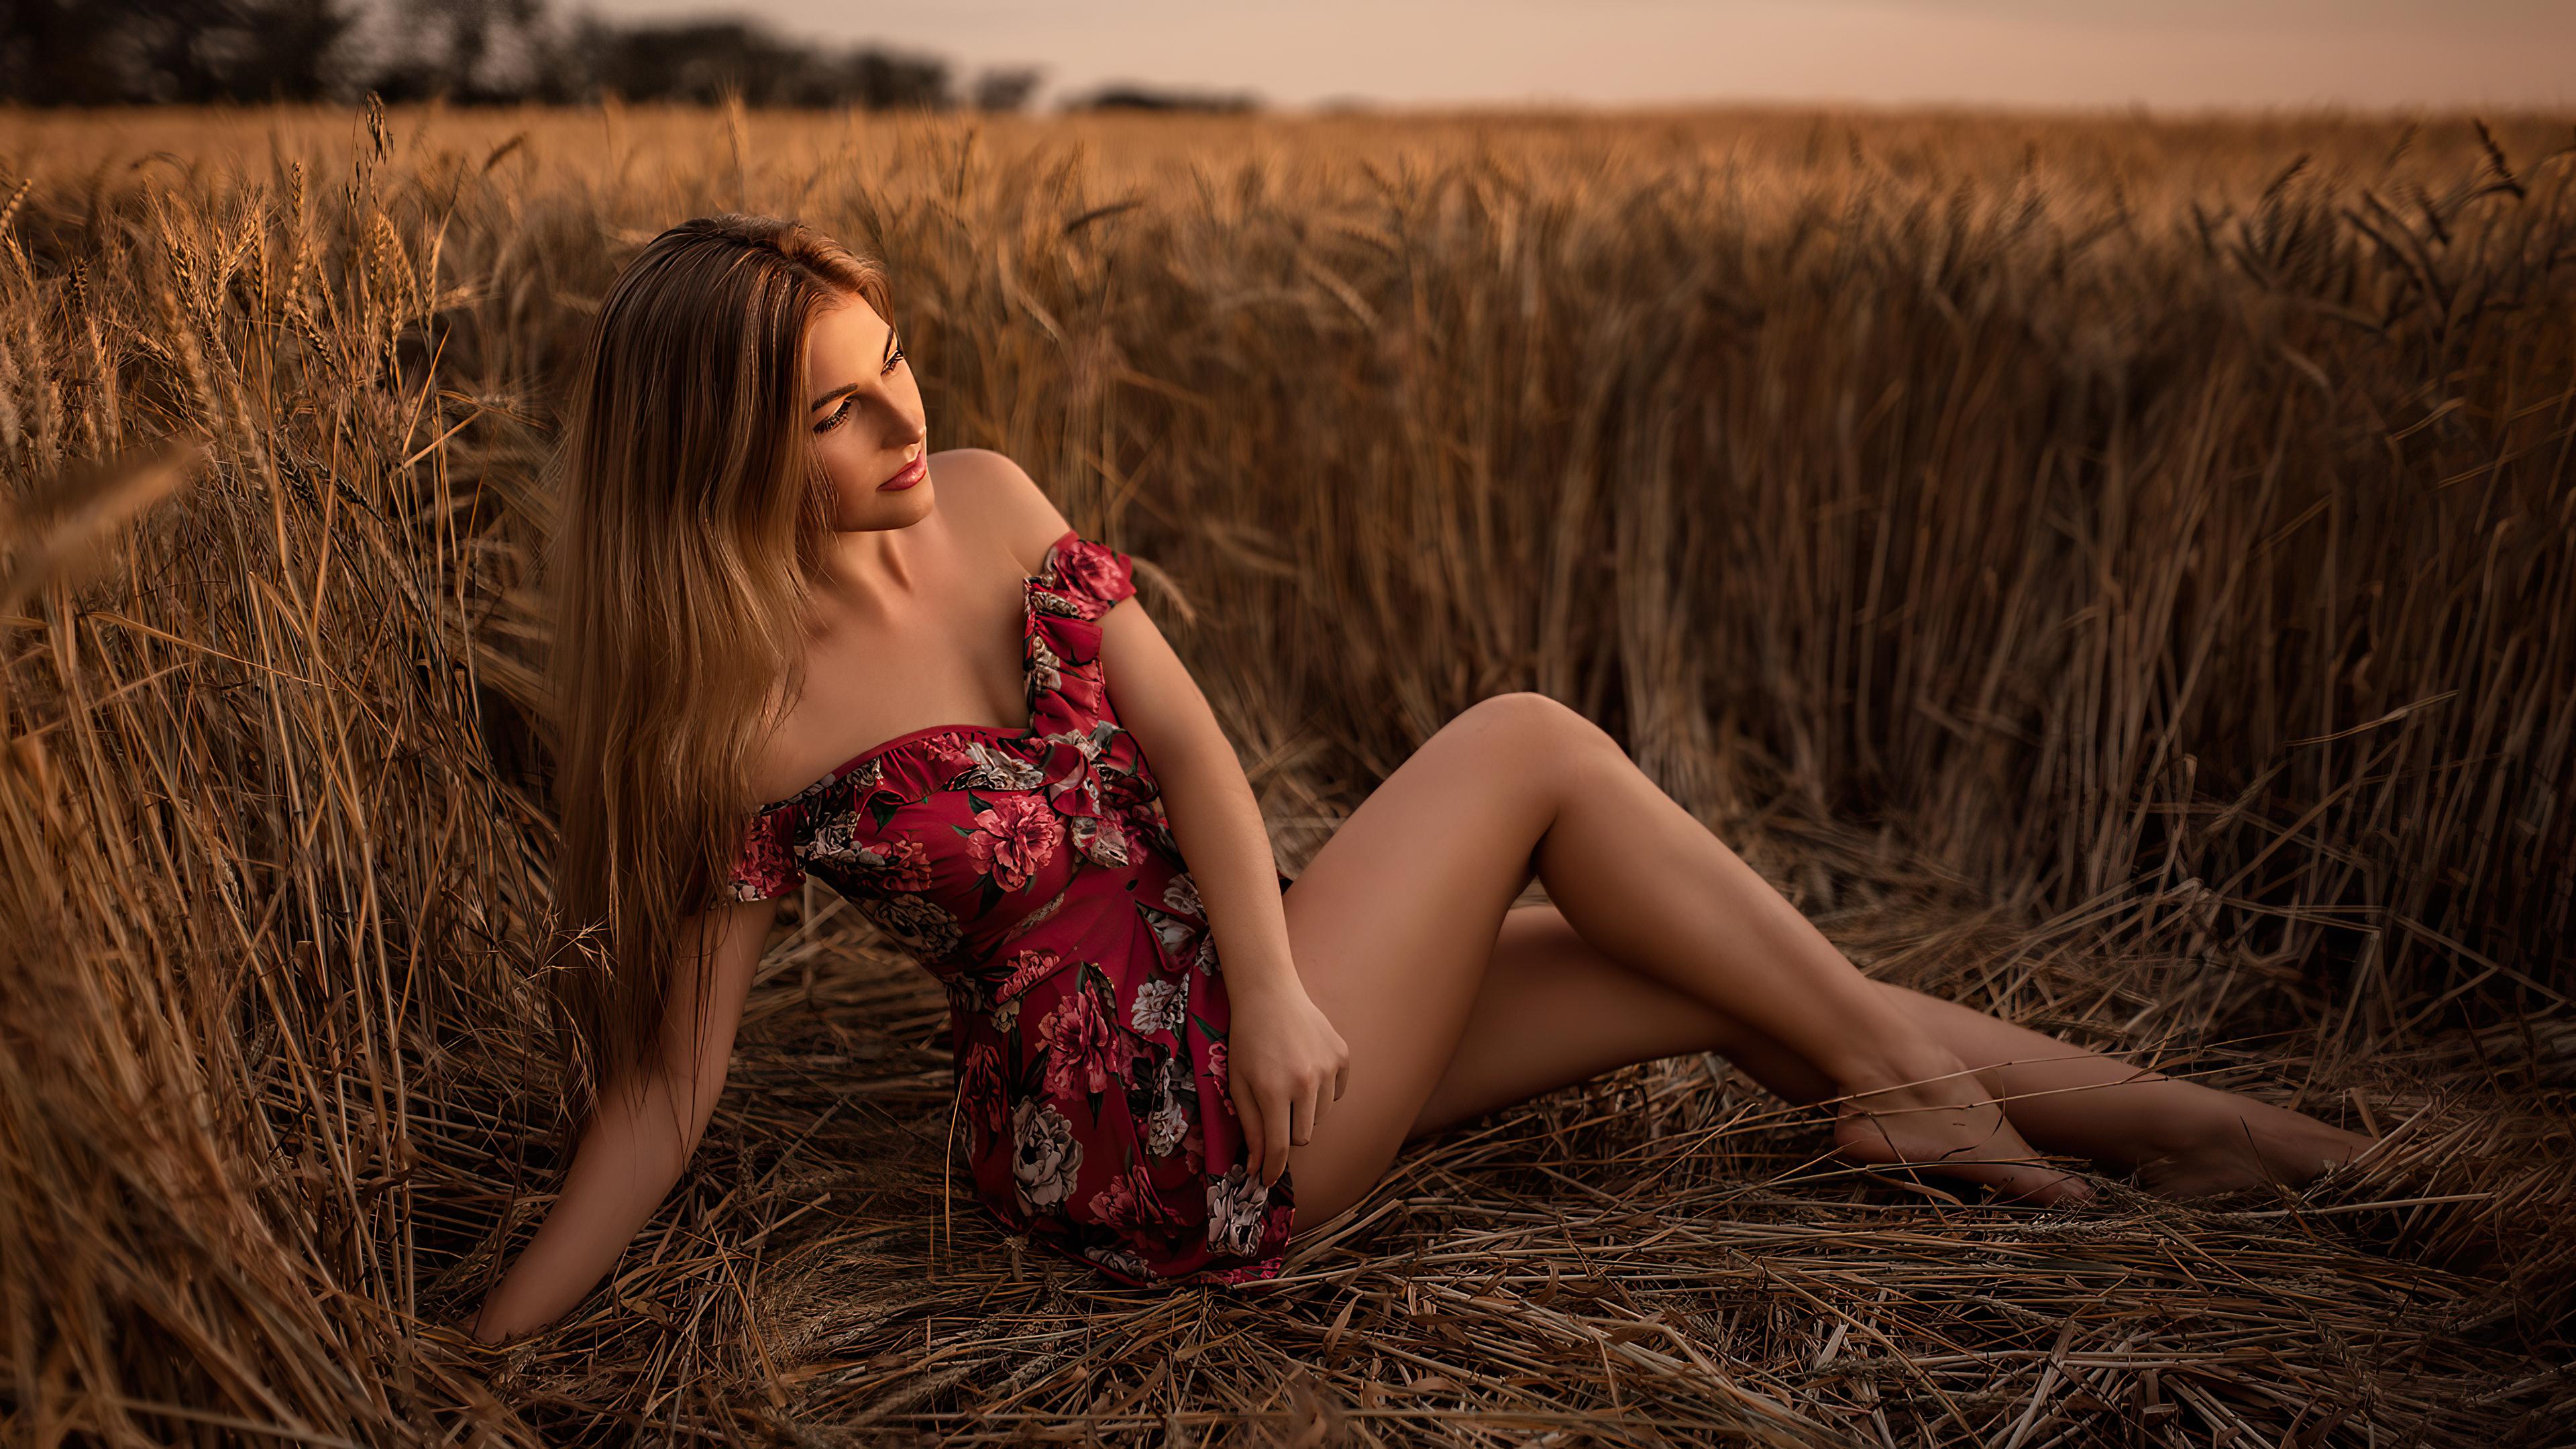 women long hair brunette sitting field 4k 1596916304 - Women Long Hair Brunette Sitting Field 4k -